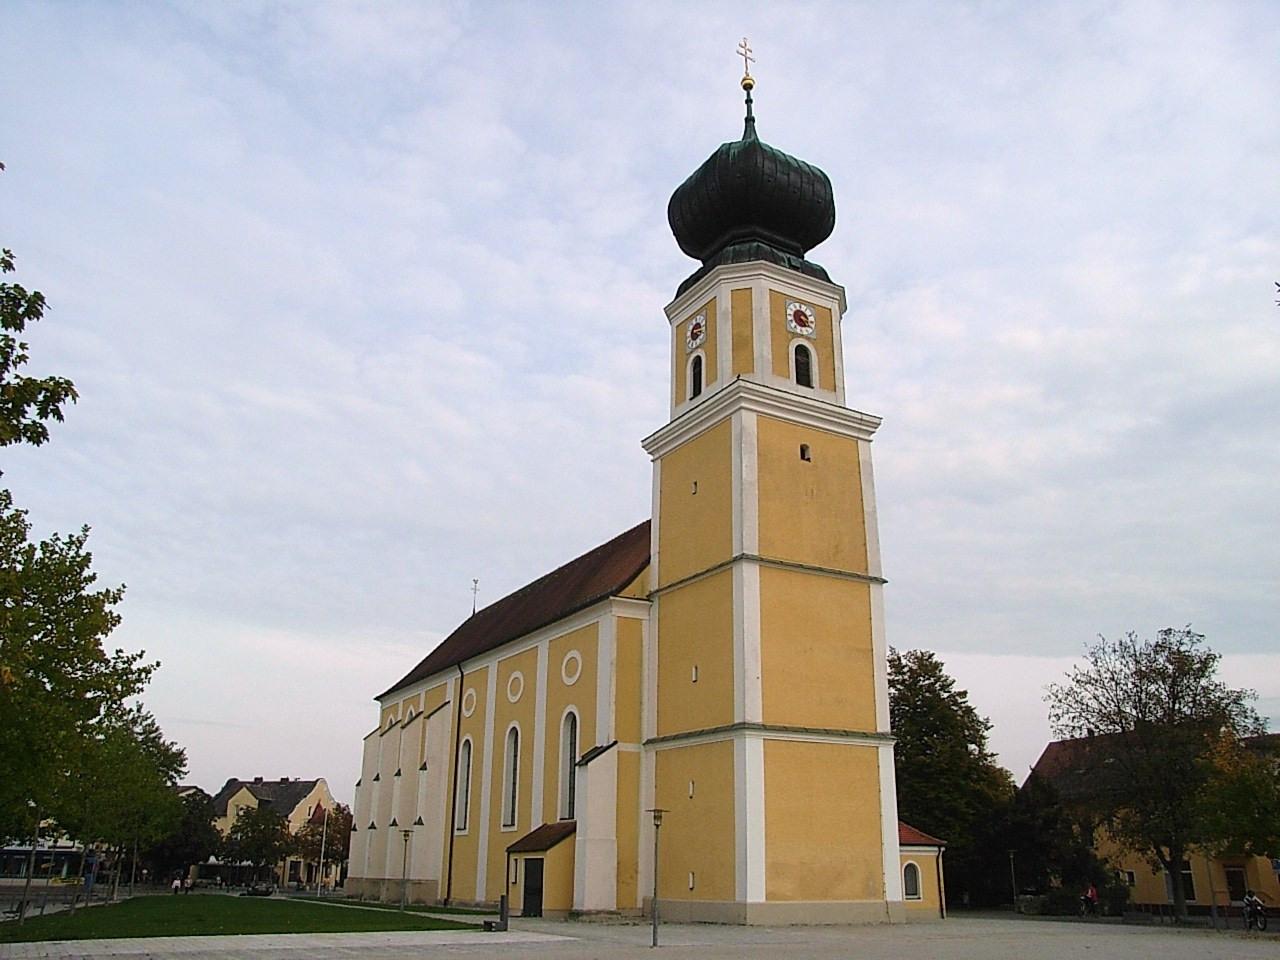 Pfarrkirche Pocking